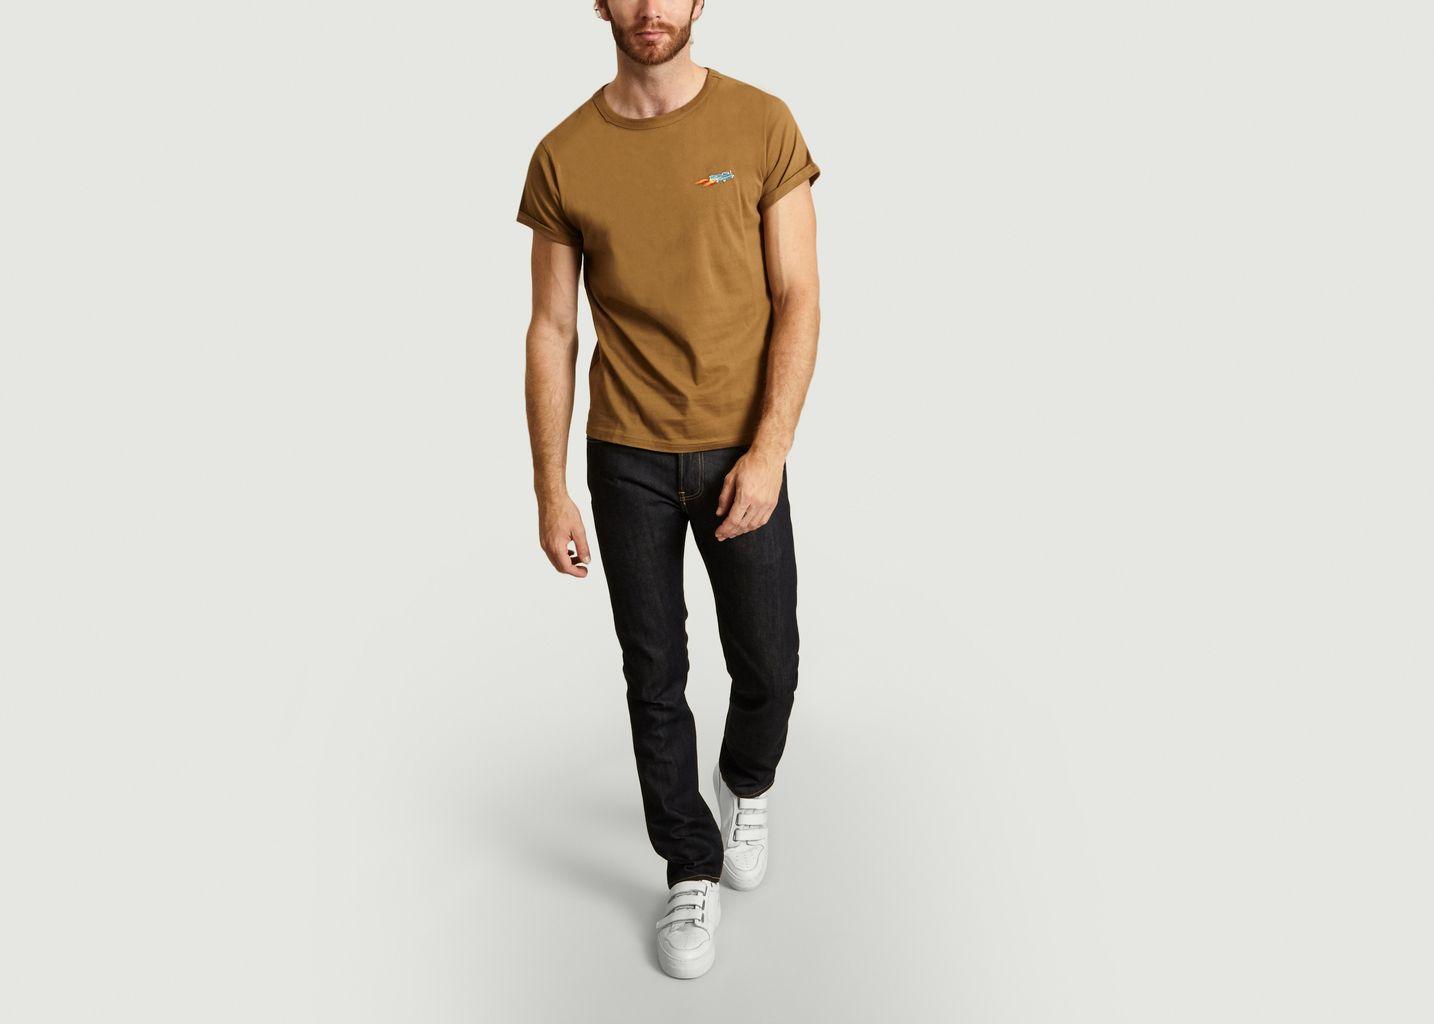 T-shirt Brodé Voiture - Maison Labiche